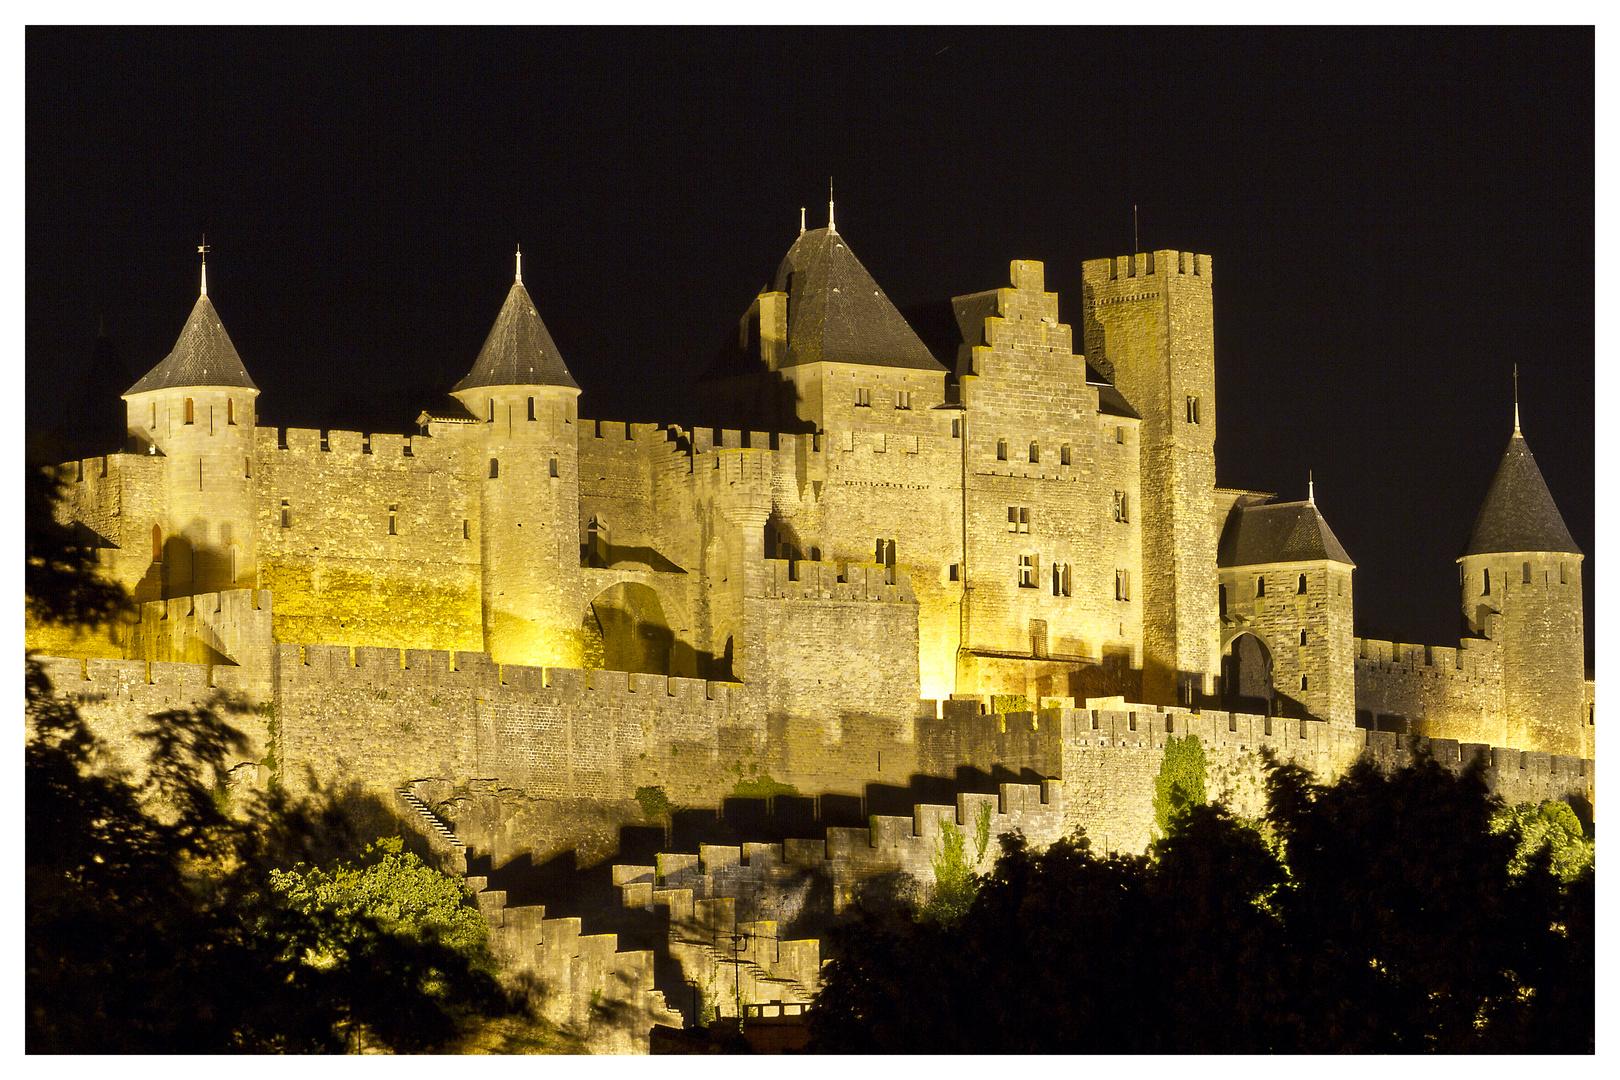 Die Burg von Carcassonne bei Nacht